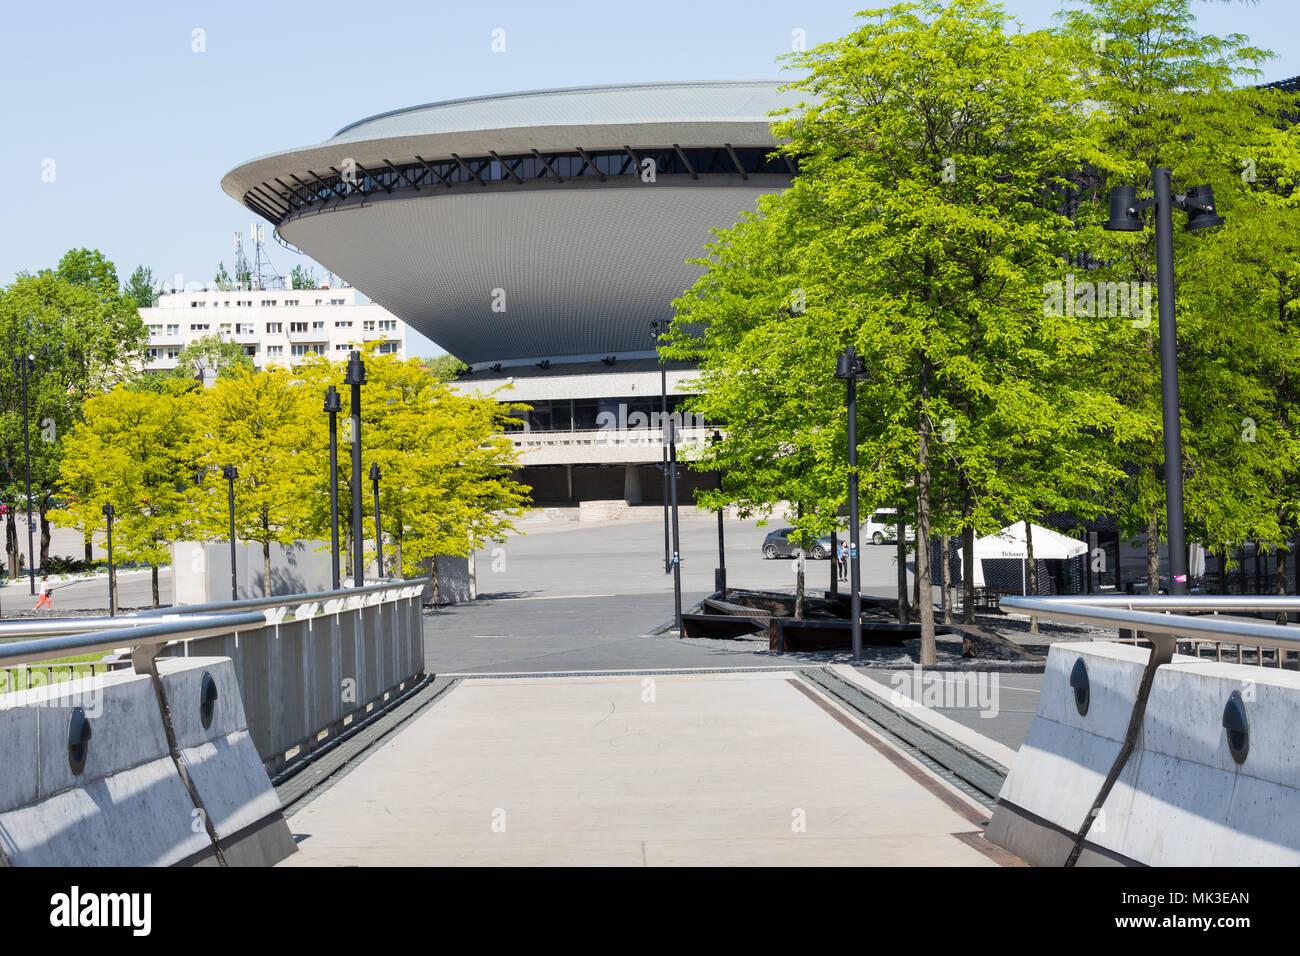 KATOWICE, POLAND - MAY 05, 2018: Entertainment hall called Spodek in city center of Katowice, Silesia. Stock Photo